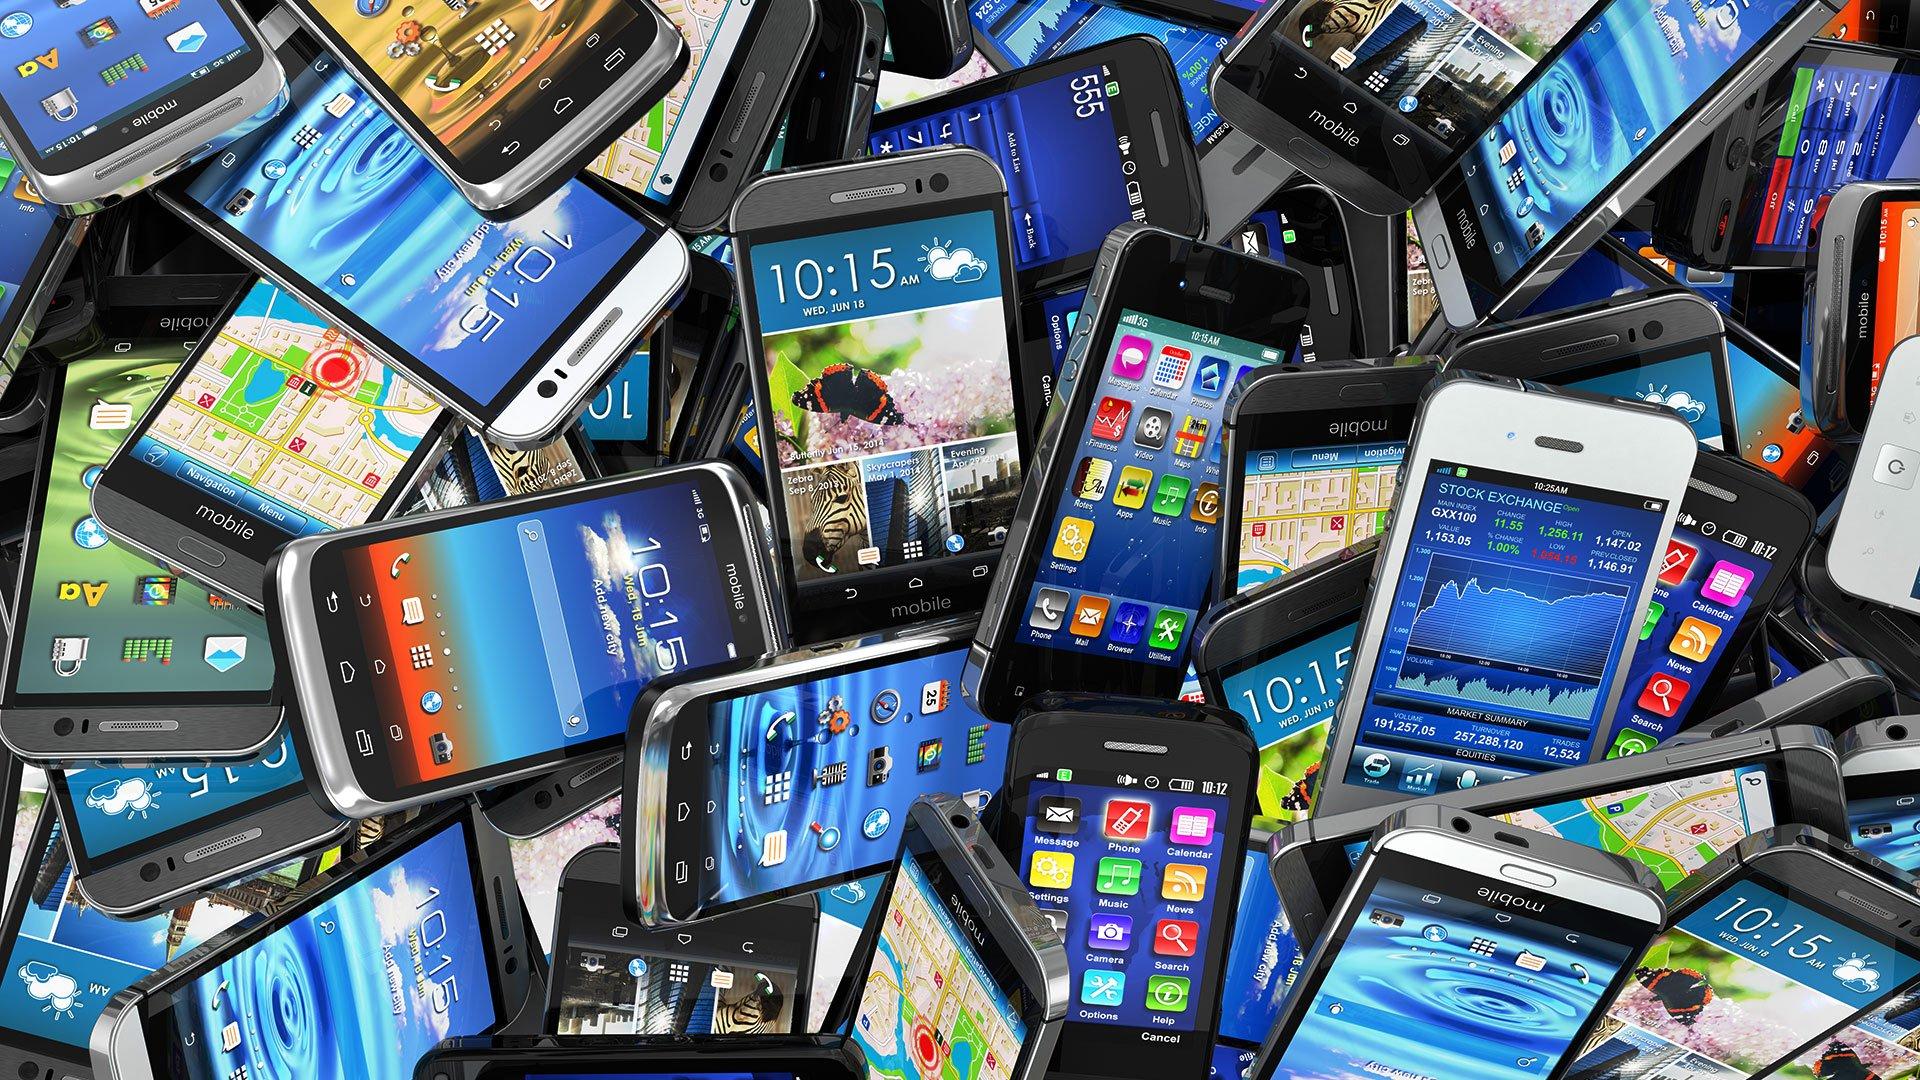 Специалисты составили рейтинг самых известных телефонов среди жителей РФ